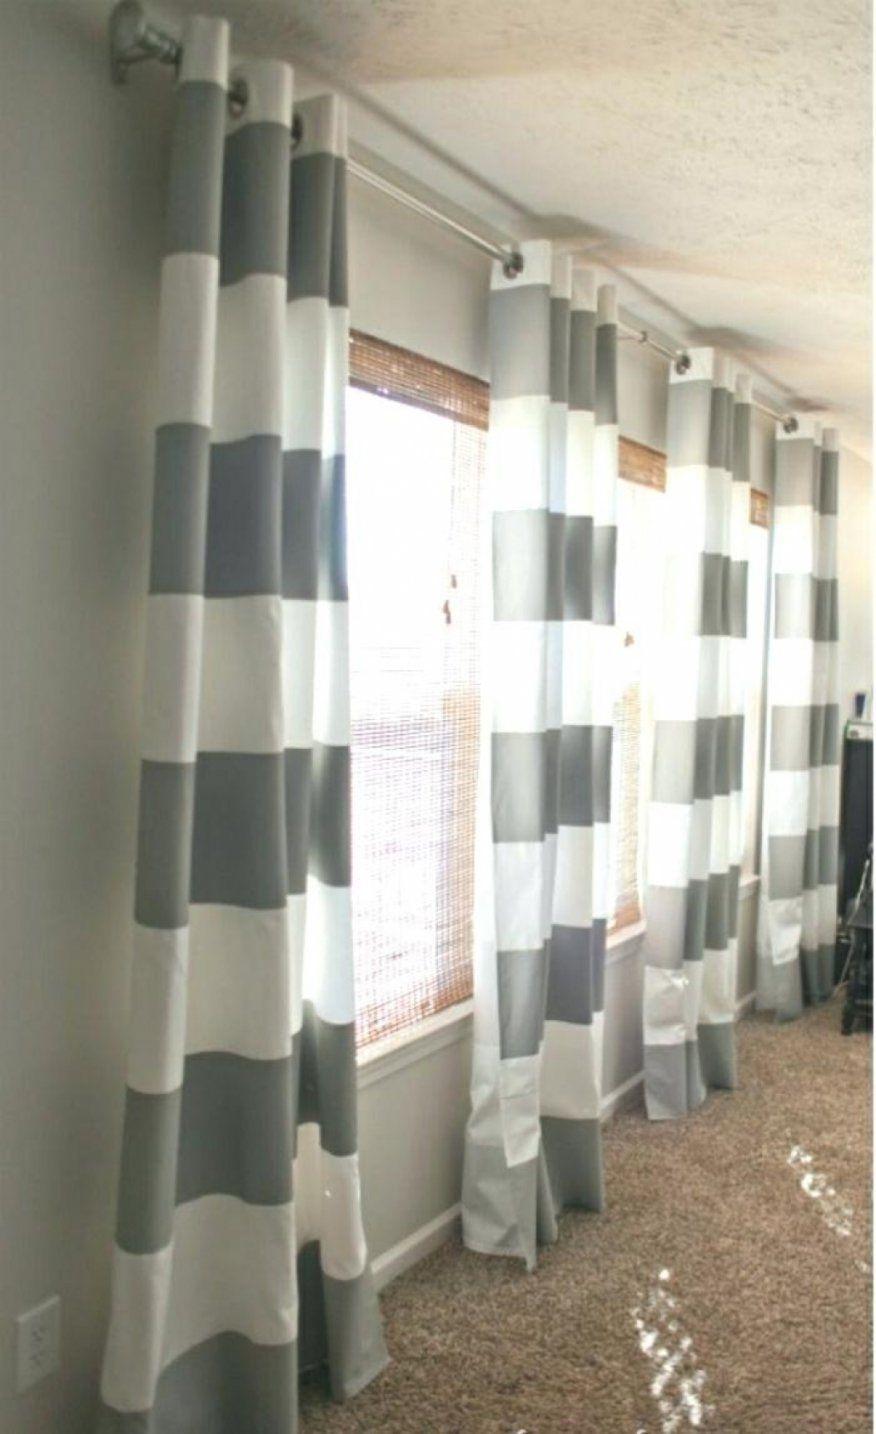 Dekorationen Stilvolle Vorhang Grau Weiß Gestreift Vorhang Blau von Vorhang Grau Weiß Gestreift Bild